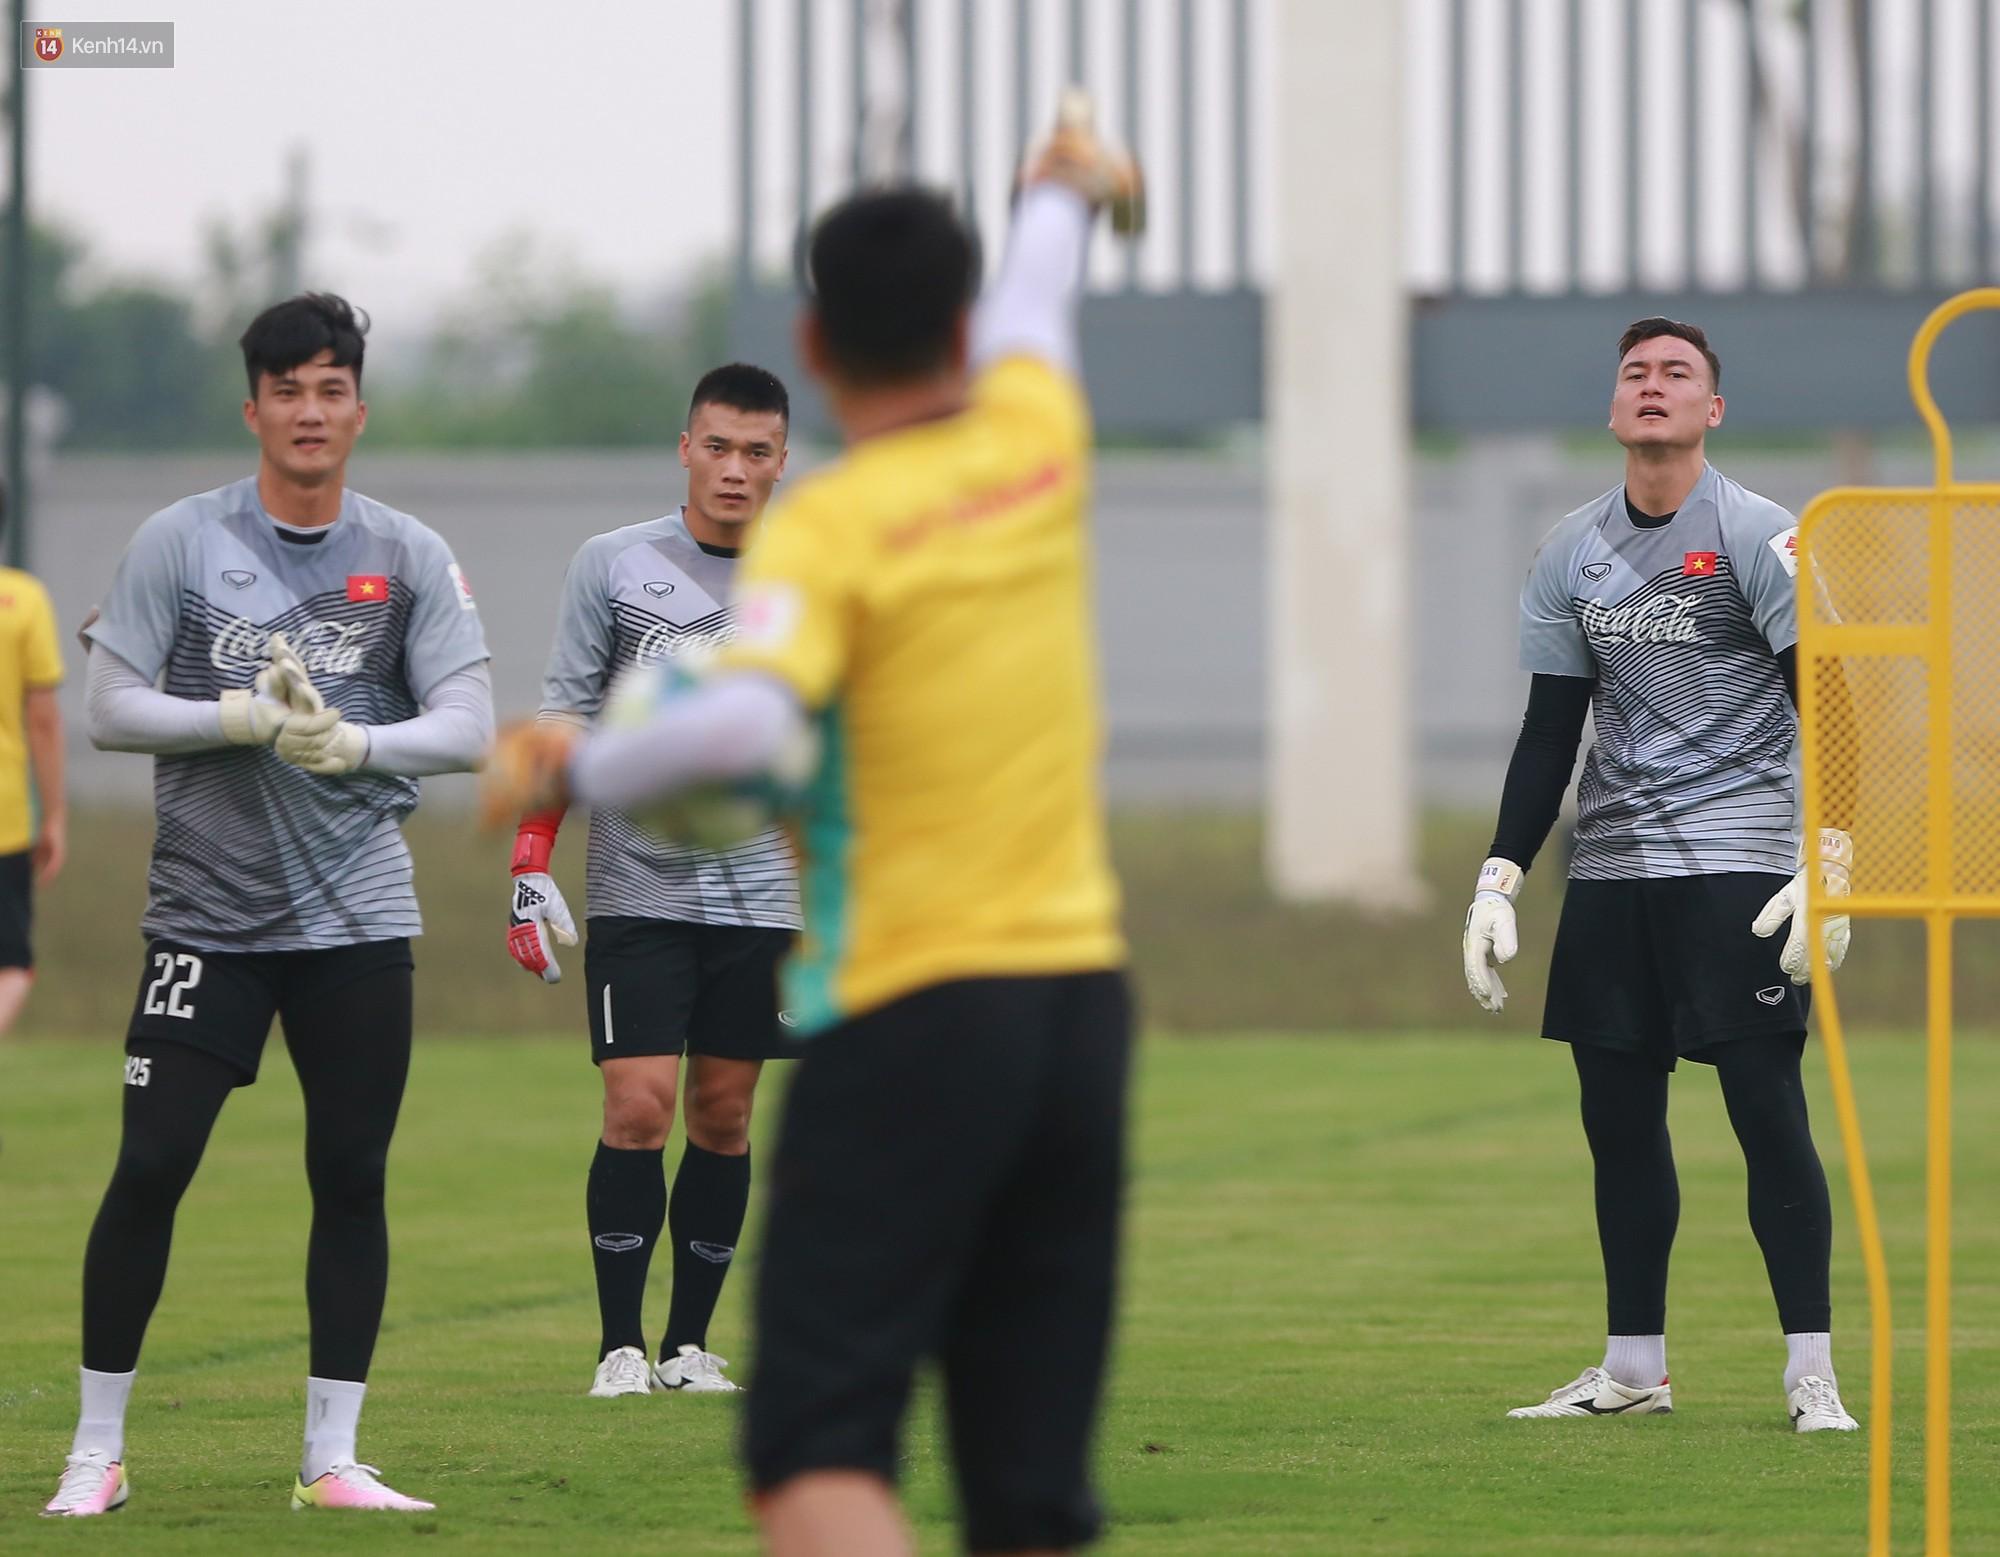 Nỗ lực của Hoàng thượng U23 Việt Nam khiến Bùi Tiến Dũng ngạc nhiên - Ảnh 3.